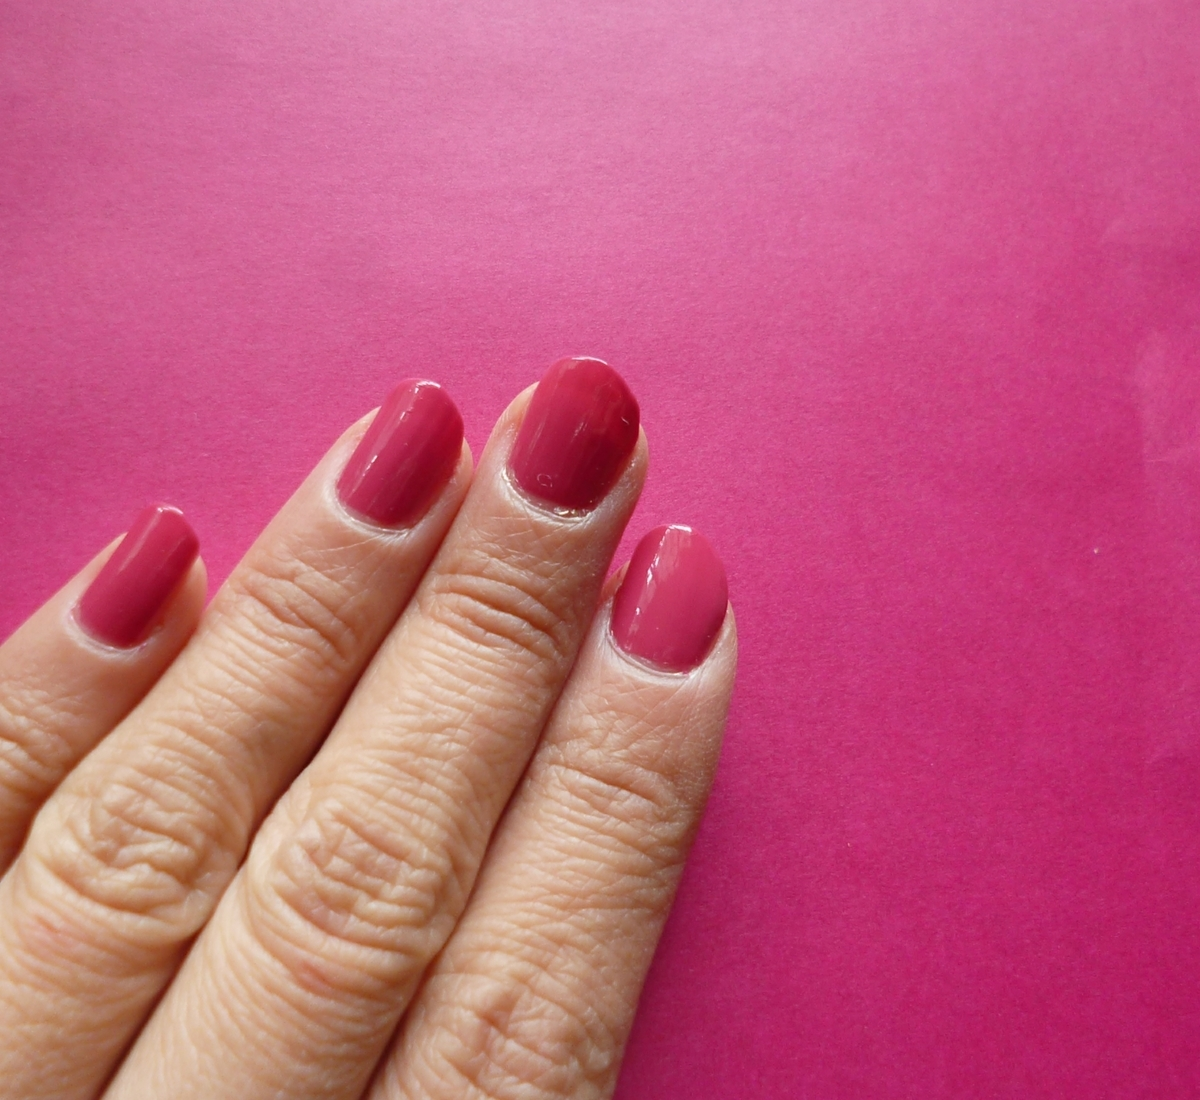 赤紫色の折り紙とマニキュアを塗った爪の色比較